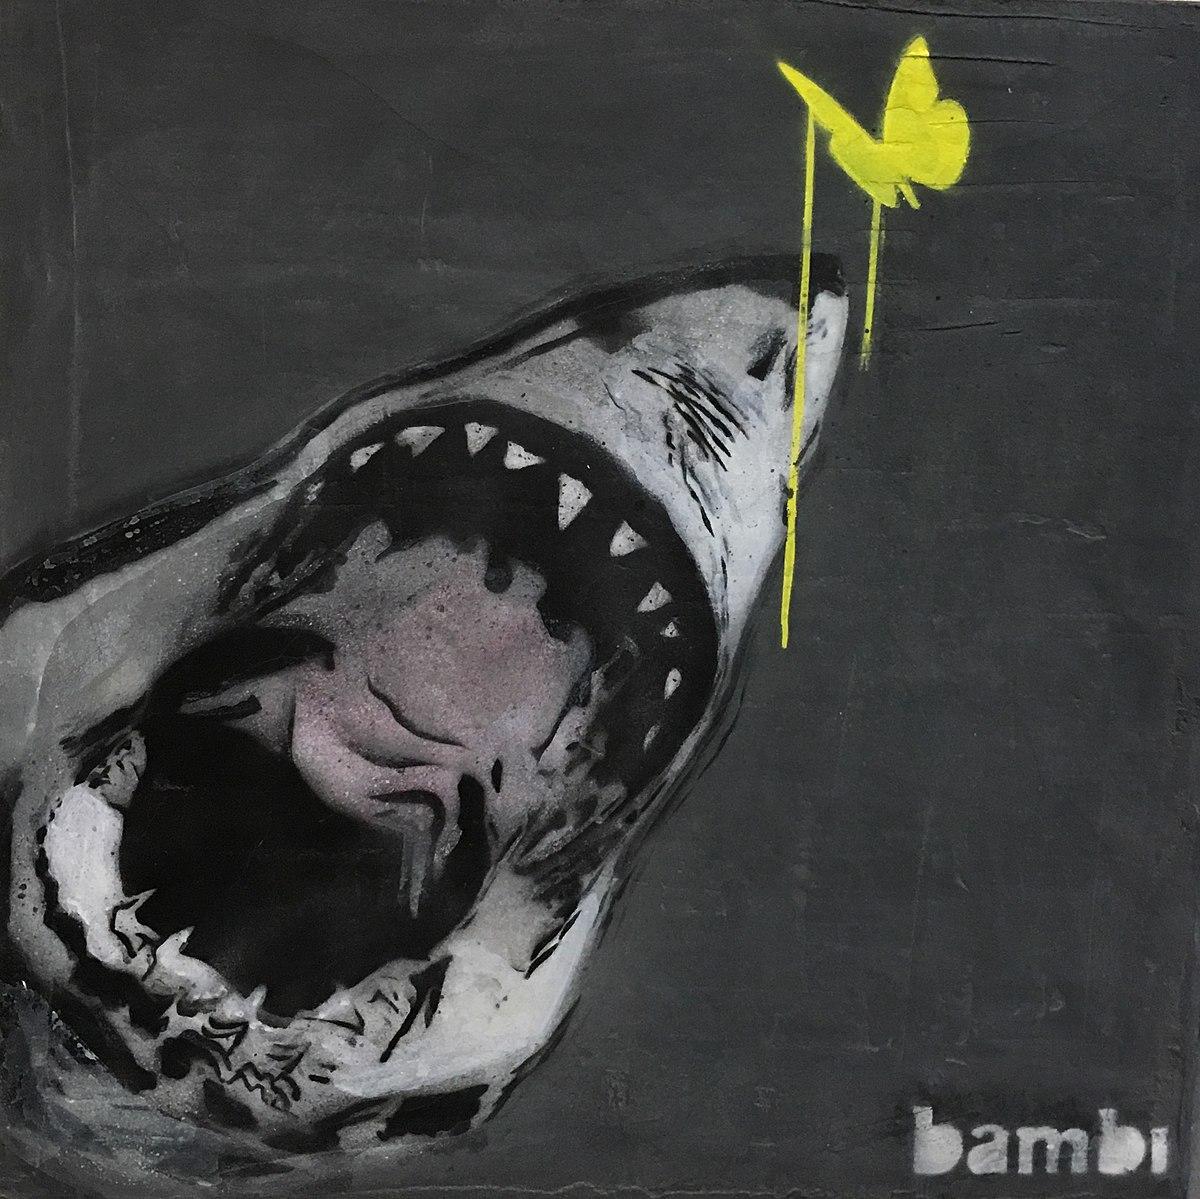 Bambi Graffiti - Wikipedia Amy Winehouse